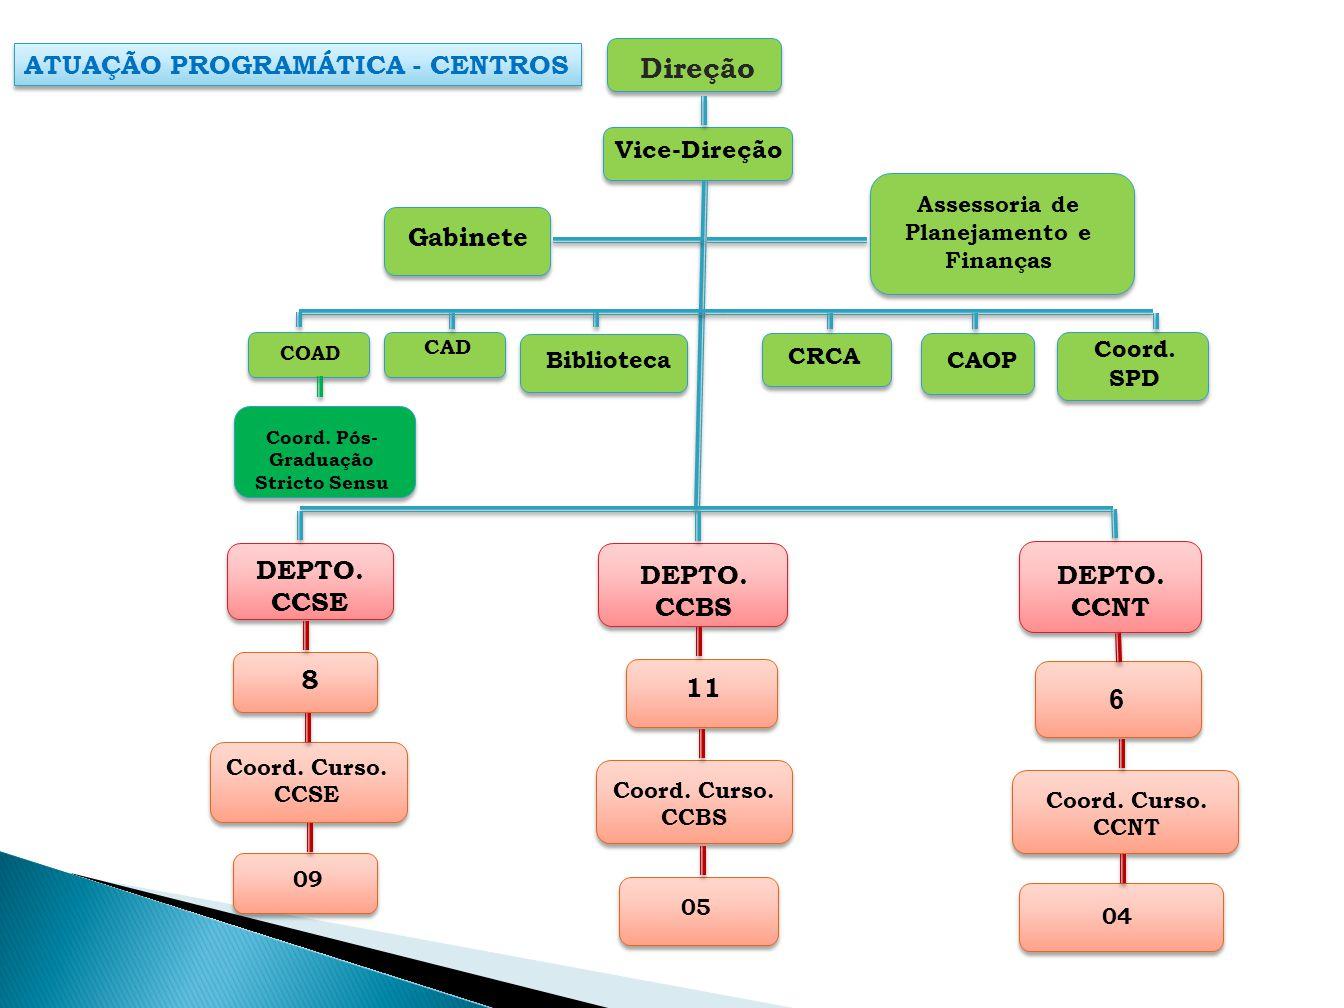 Direção ATUAÇÃO PROGRAMÁTICA - CENTROS DEPTO. CCSE CCBS CCNT 8 11 6